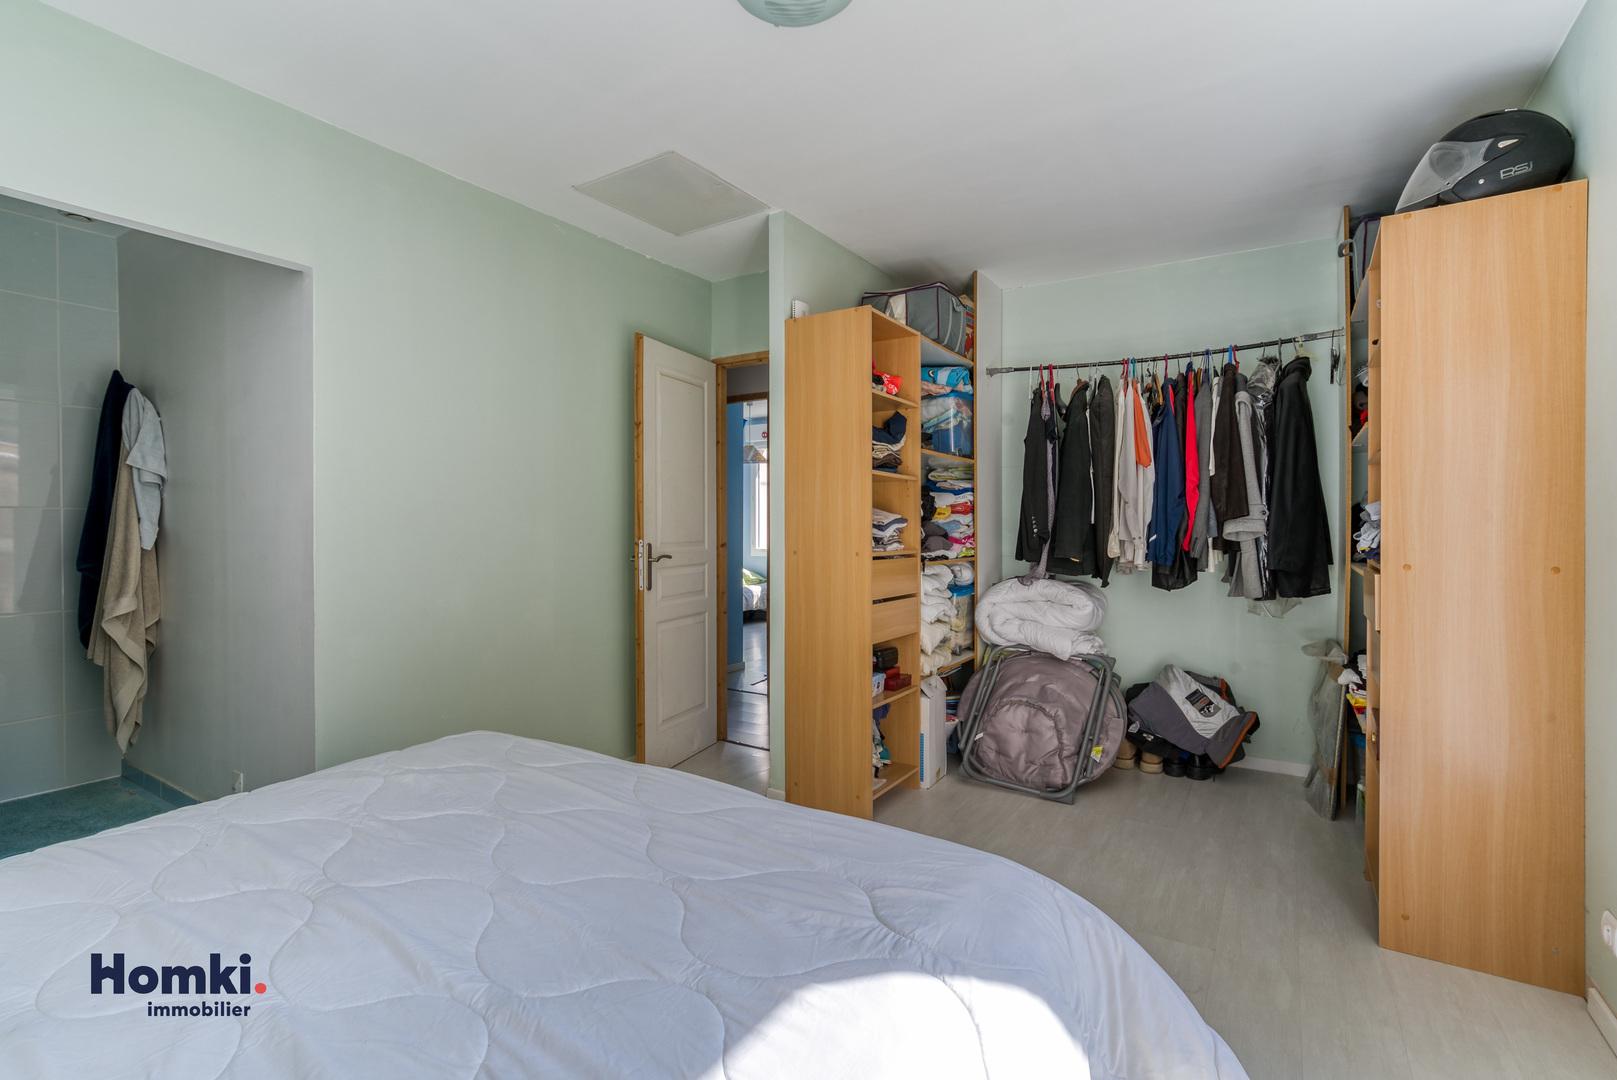 Vente maison 122m² T4 13009_8